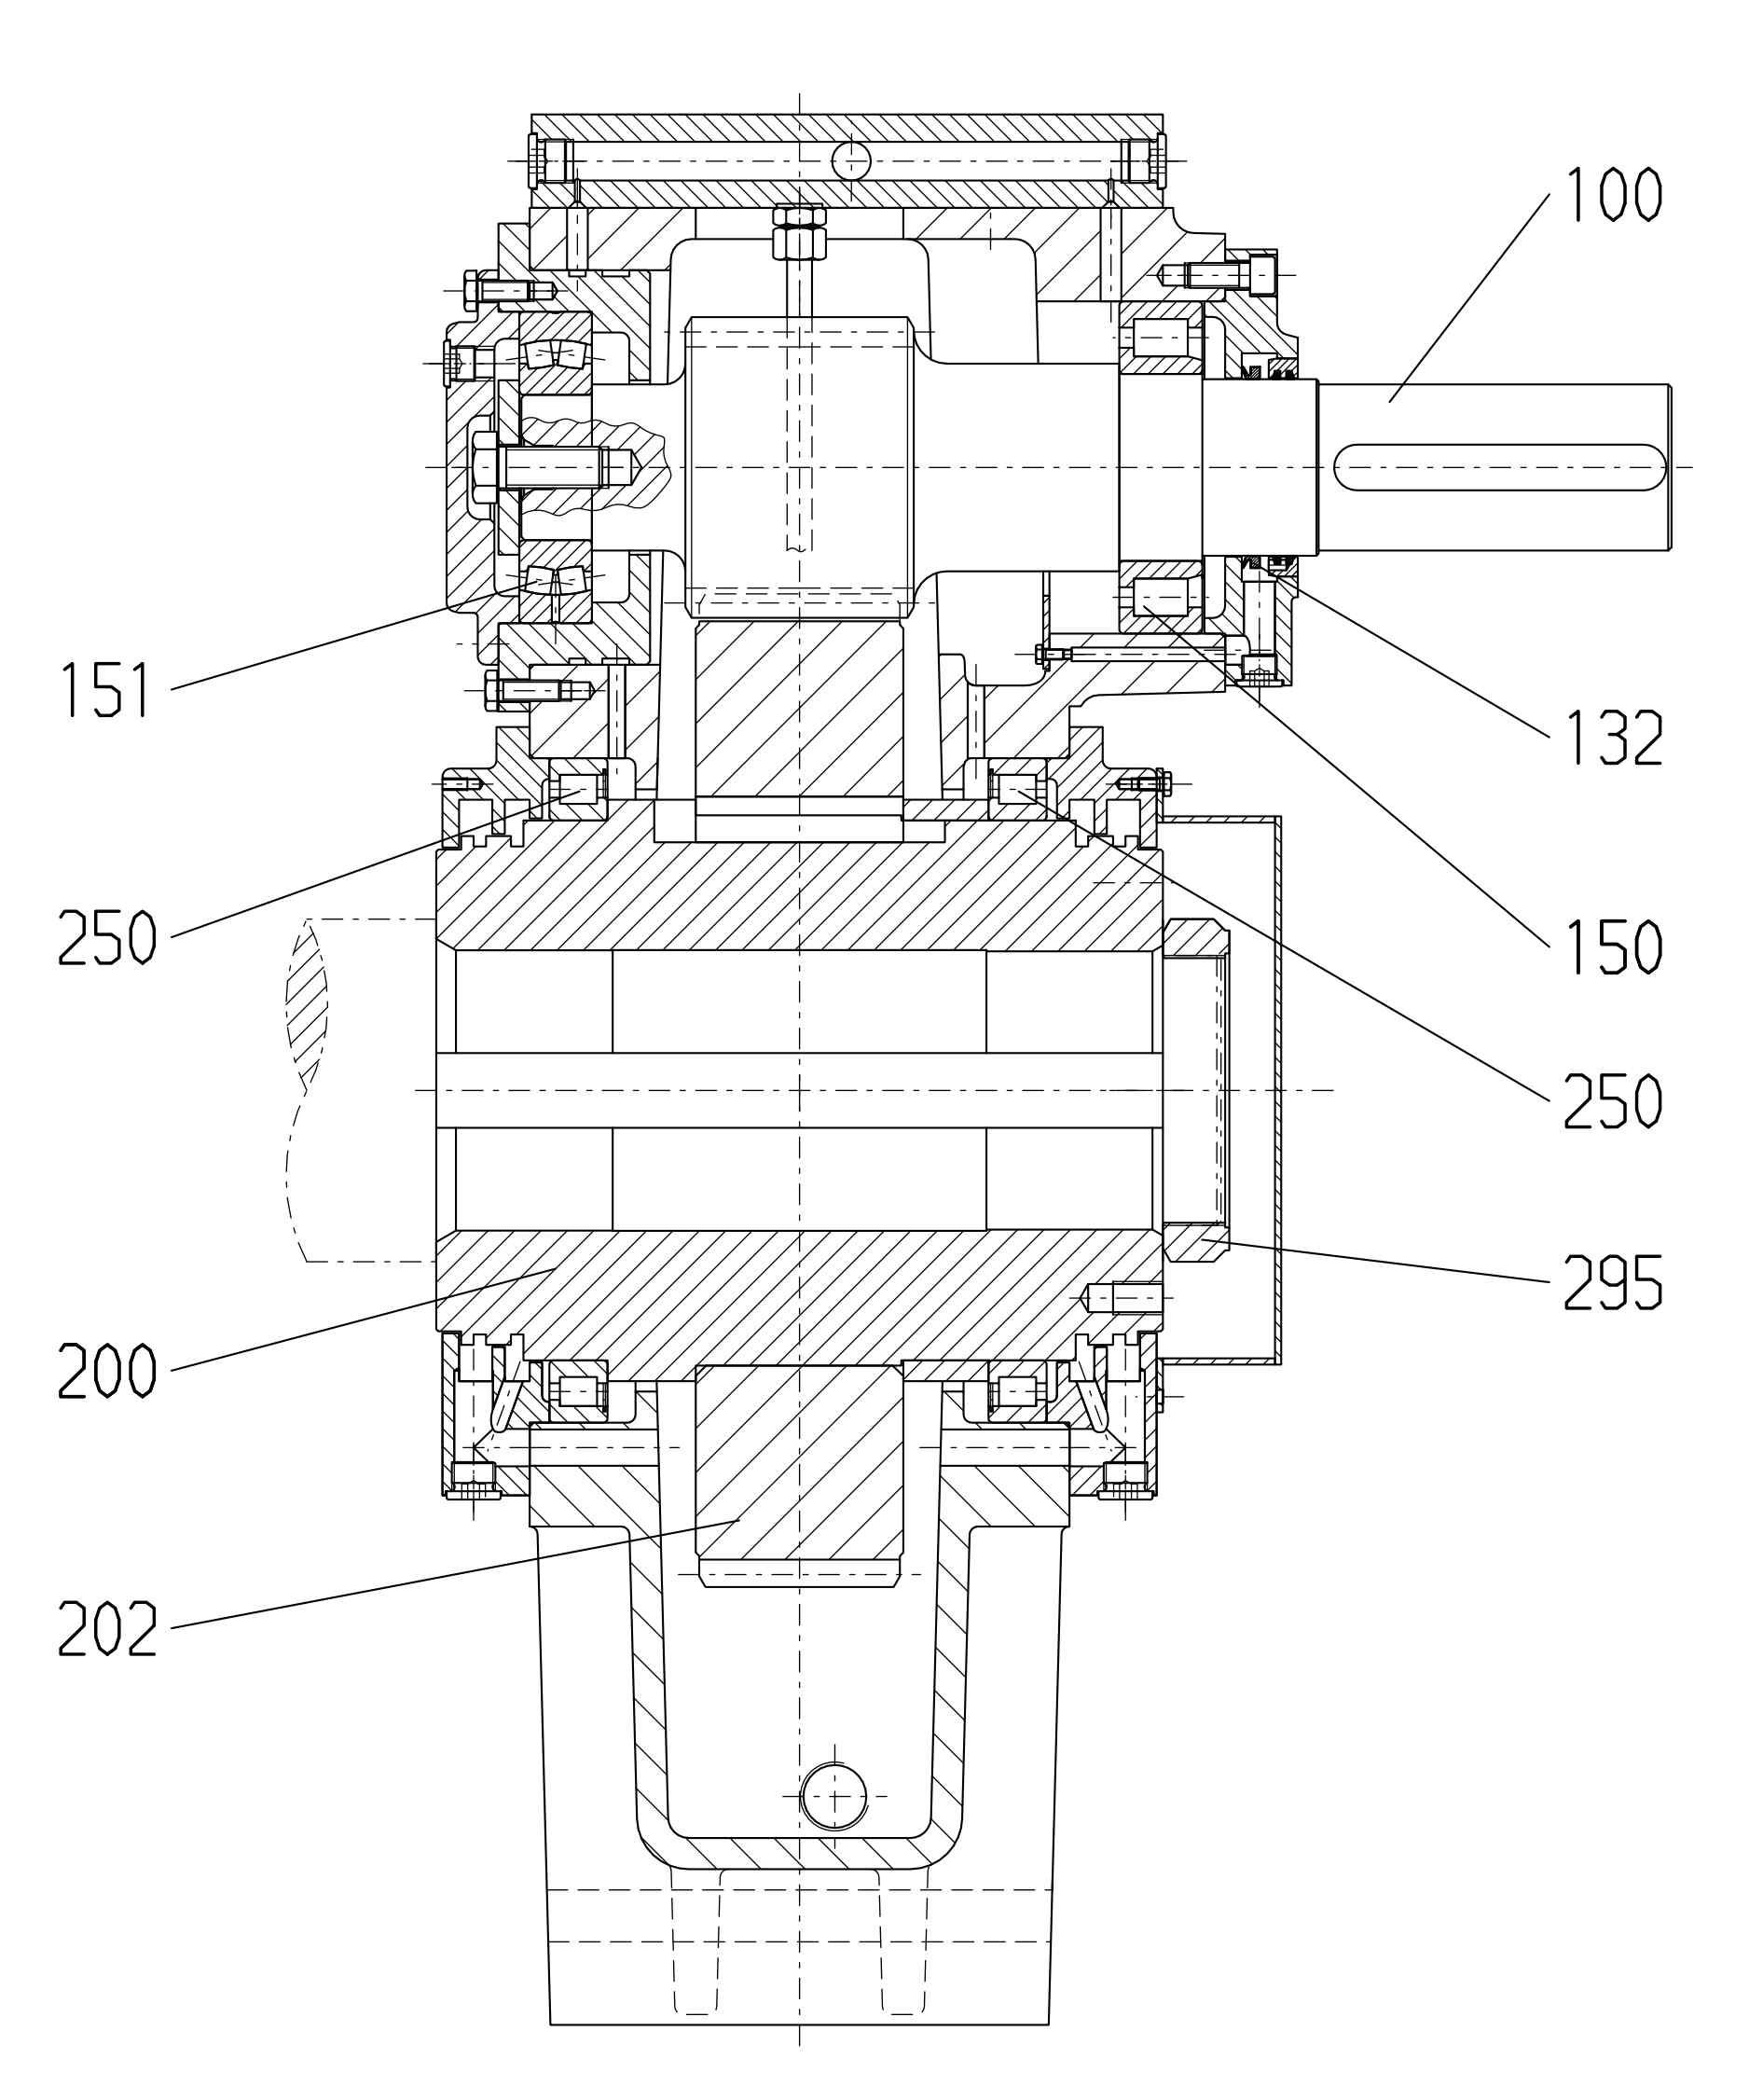 Taller Mecánico: Reparación de un reductor Flender de eje